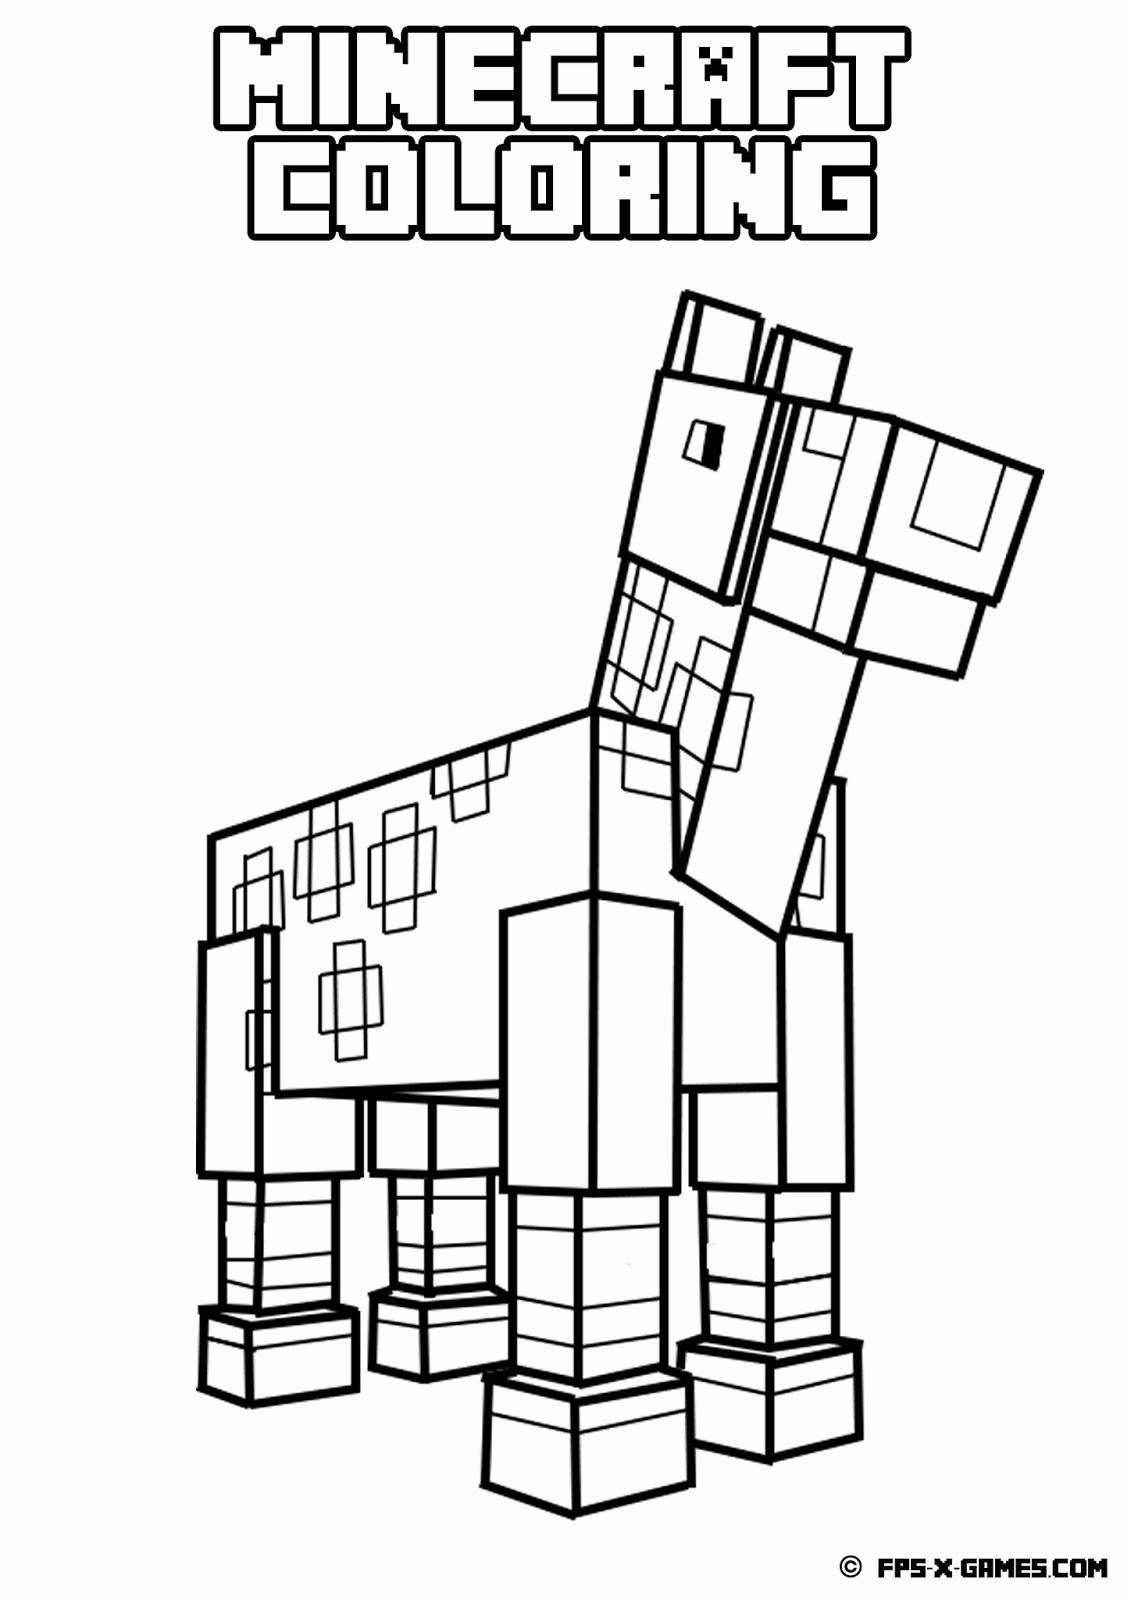 Ausmalbilder Minecraft Dorf : Ausgezeichnet Ausmalbilder Minecraft Zombie Ideen Malvorlagen Von